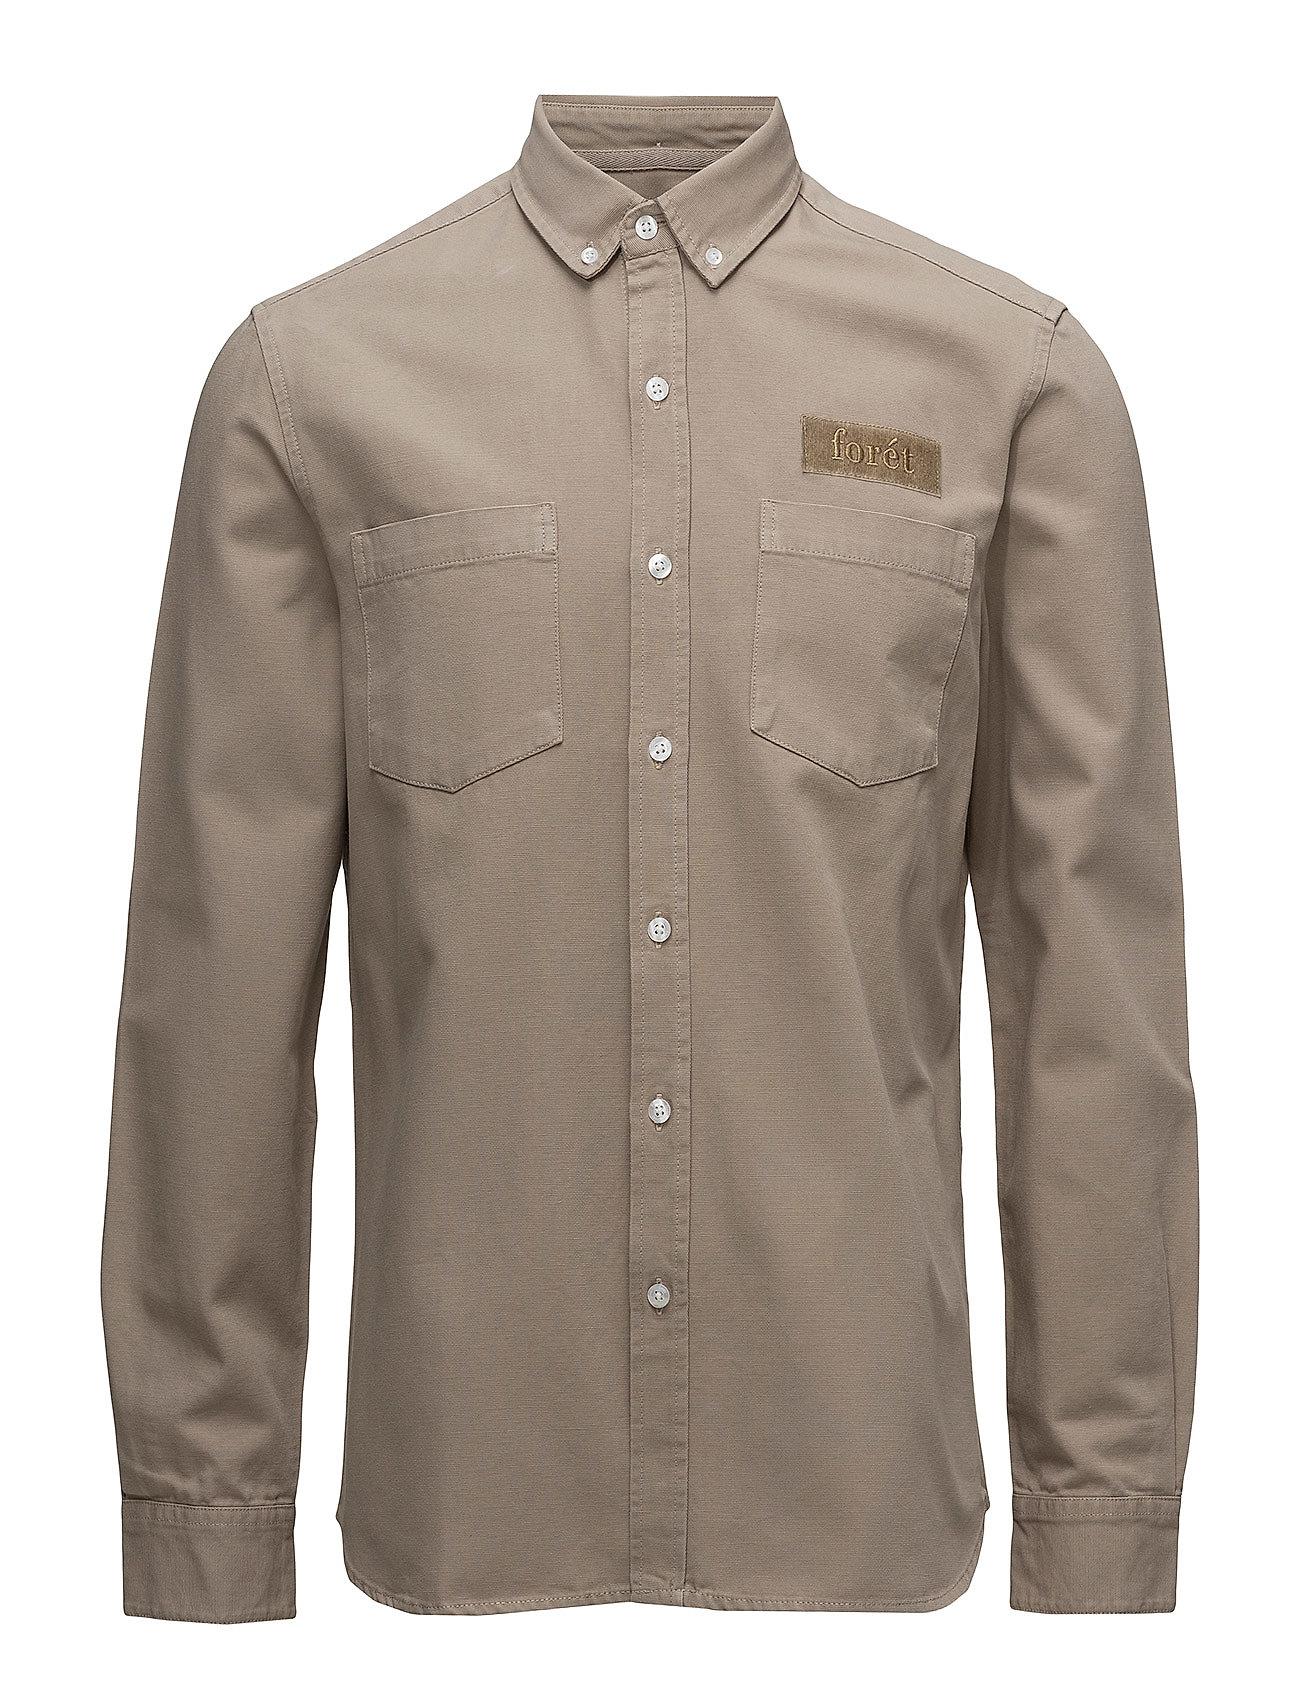 Image of Bear Shirt Overshirt Beige Forét (3189523501)